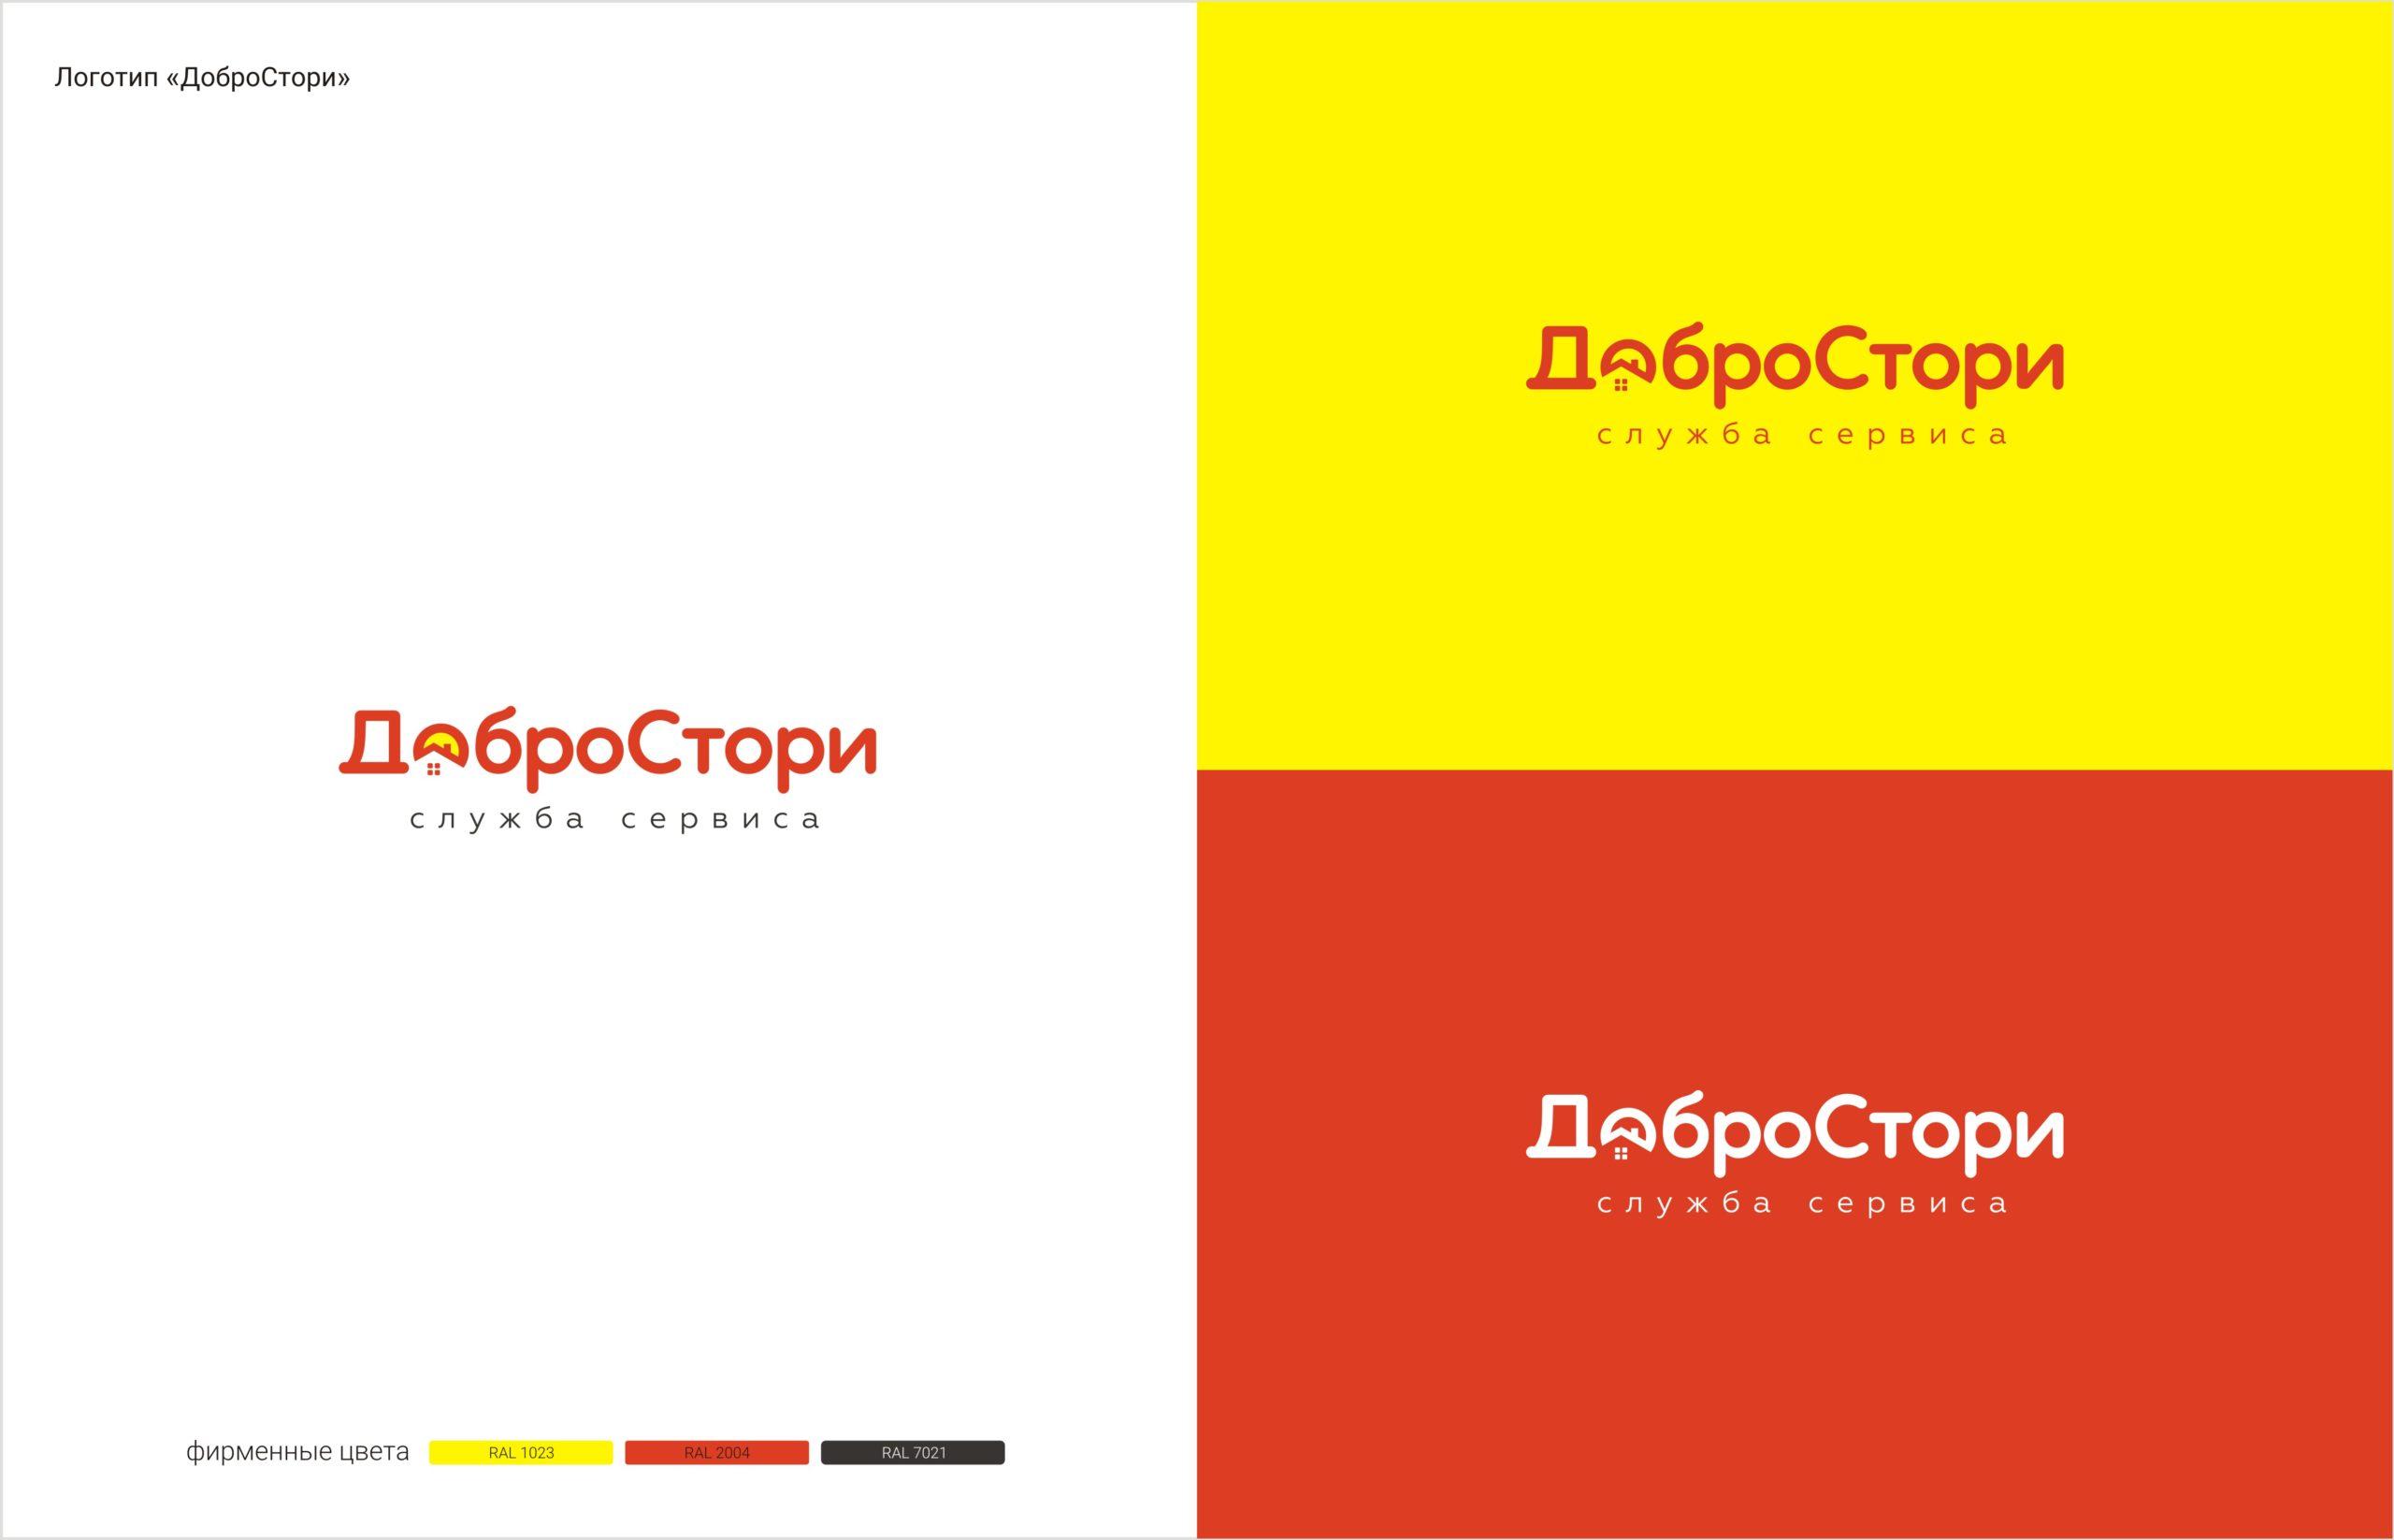 Разработка логотипа для службы сервиса в /Усть-Каменогорске